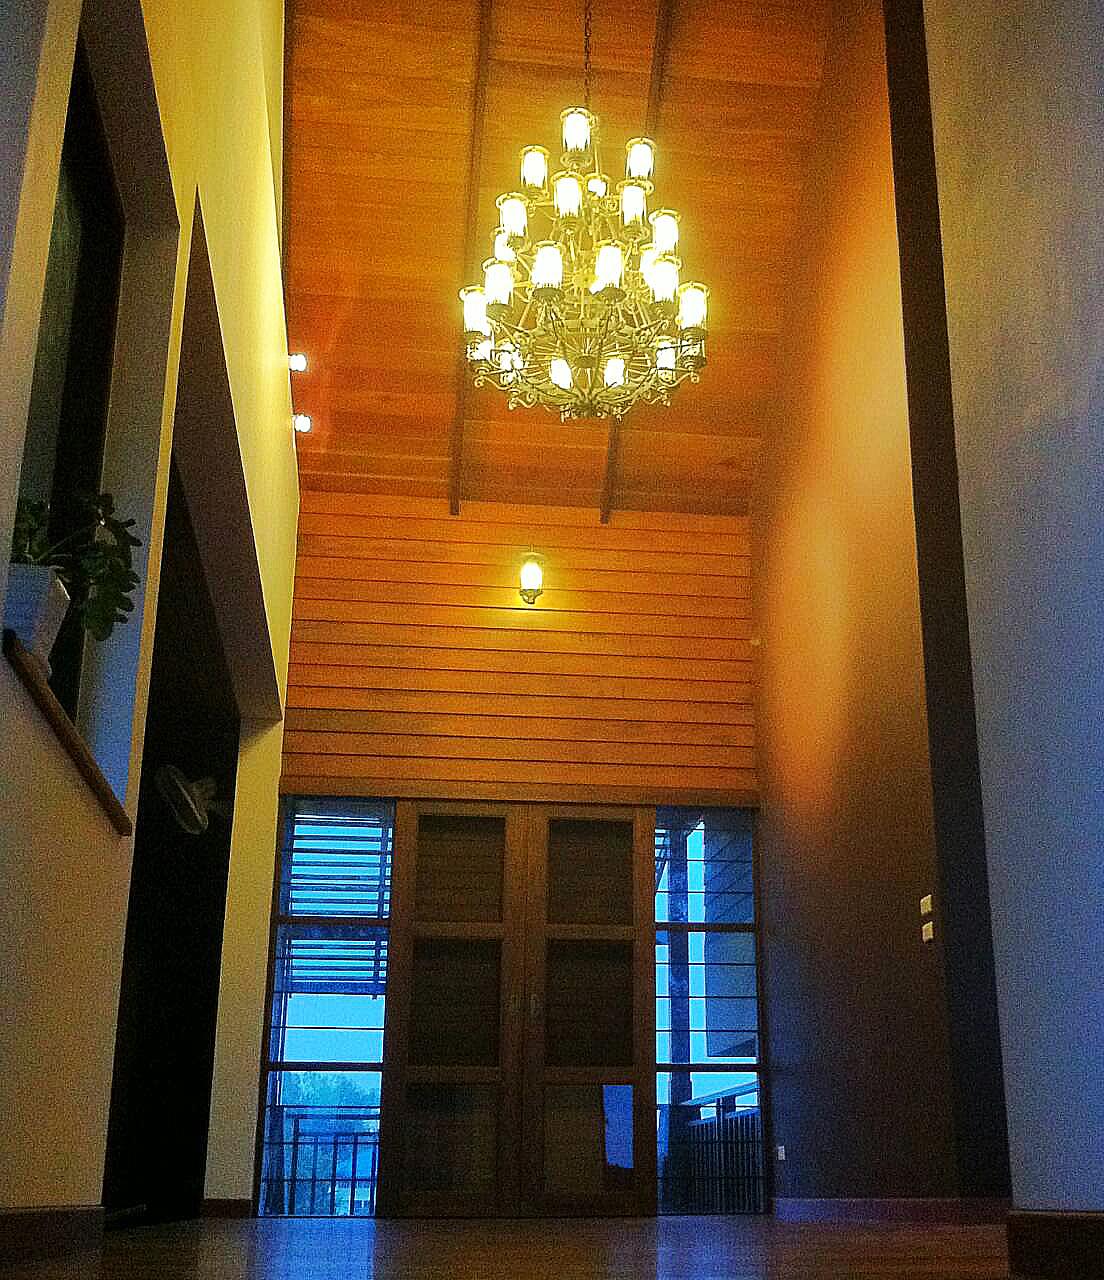 Humble House: The Humble House Chiangmai